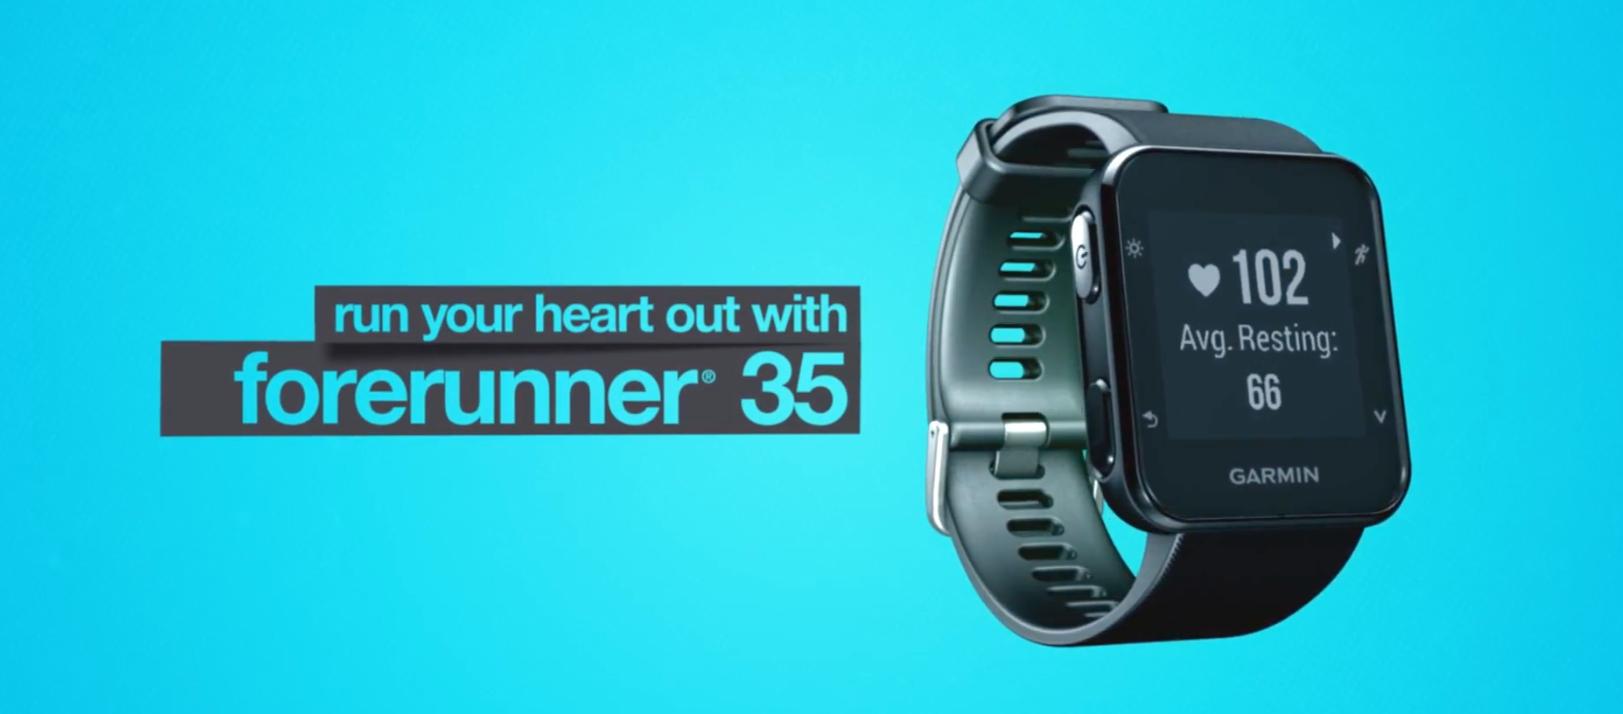 Szukasz zegarka sportowego w rozsądnej cenie? To może być dobry wybór